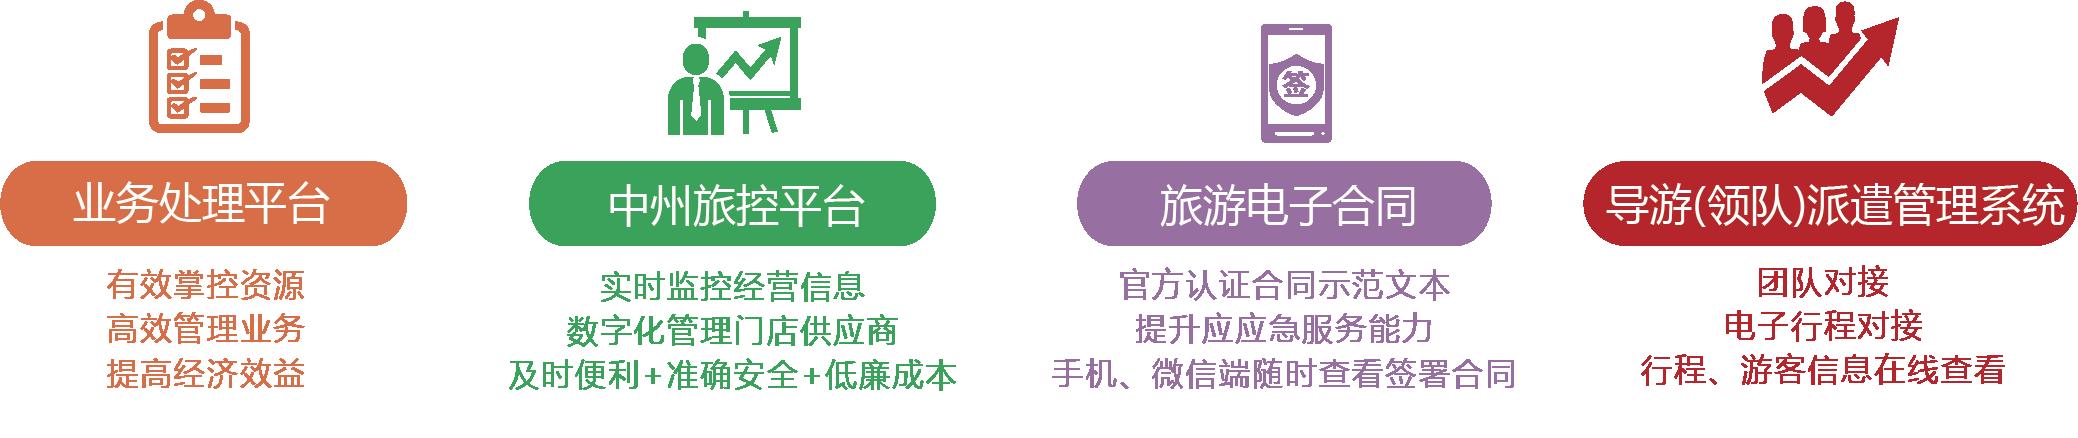 加入我们·合作共赢-企管中心插图(3)